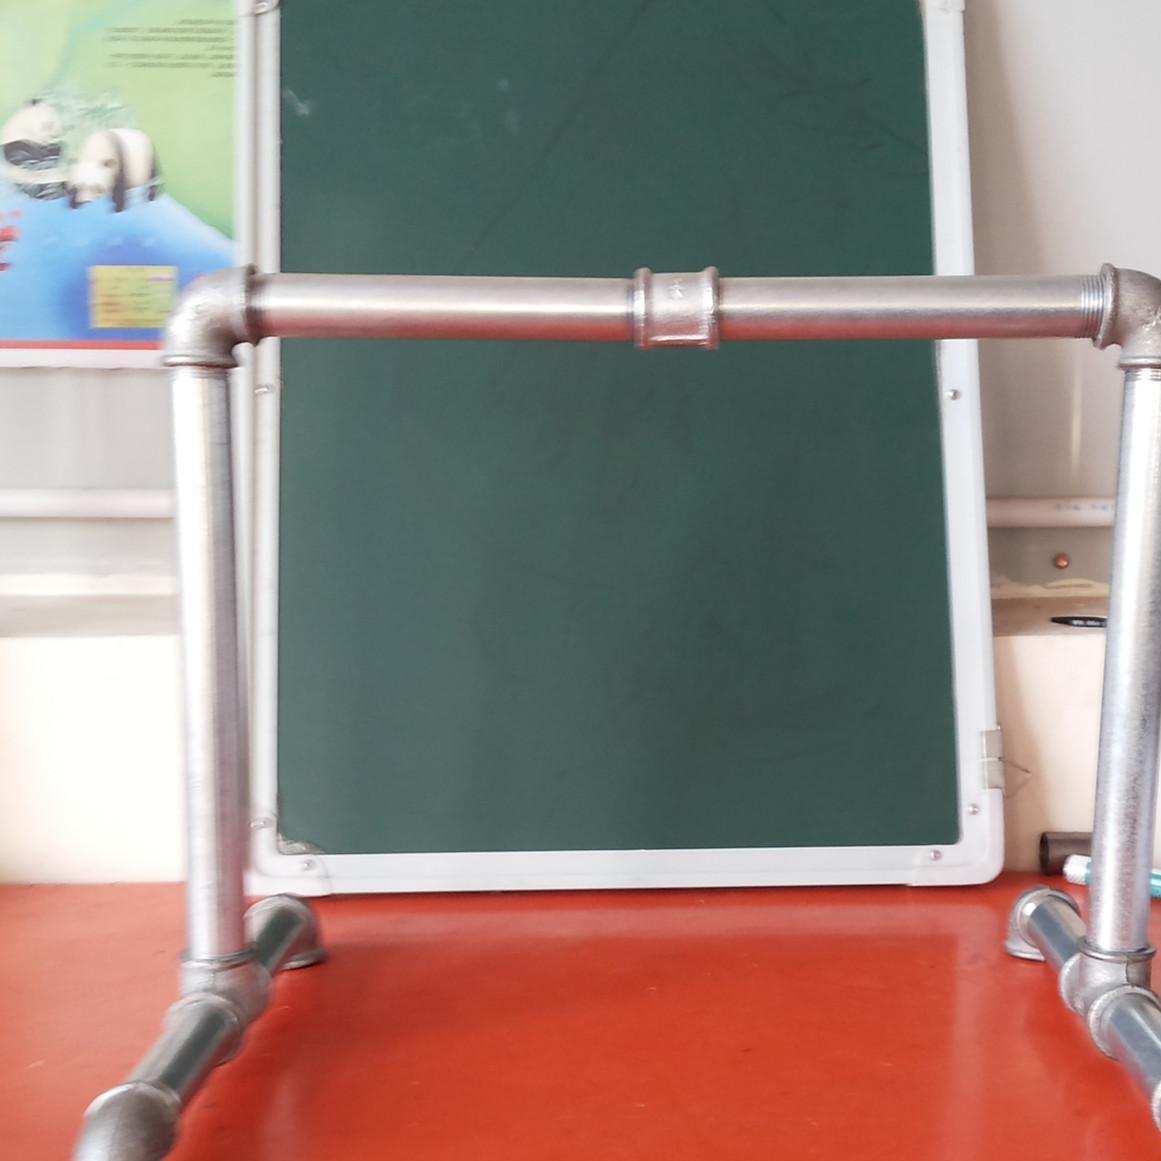 厂家生产多功能伸缩晾衣架.铁管晾衣架.